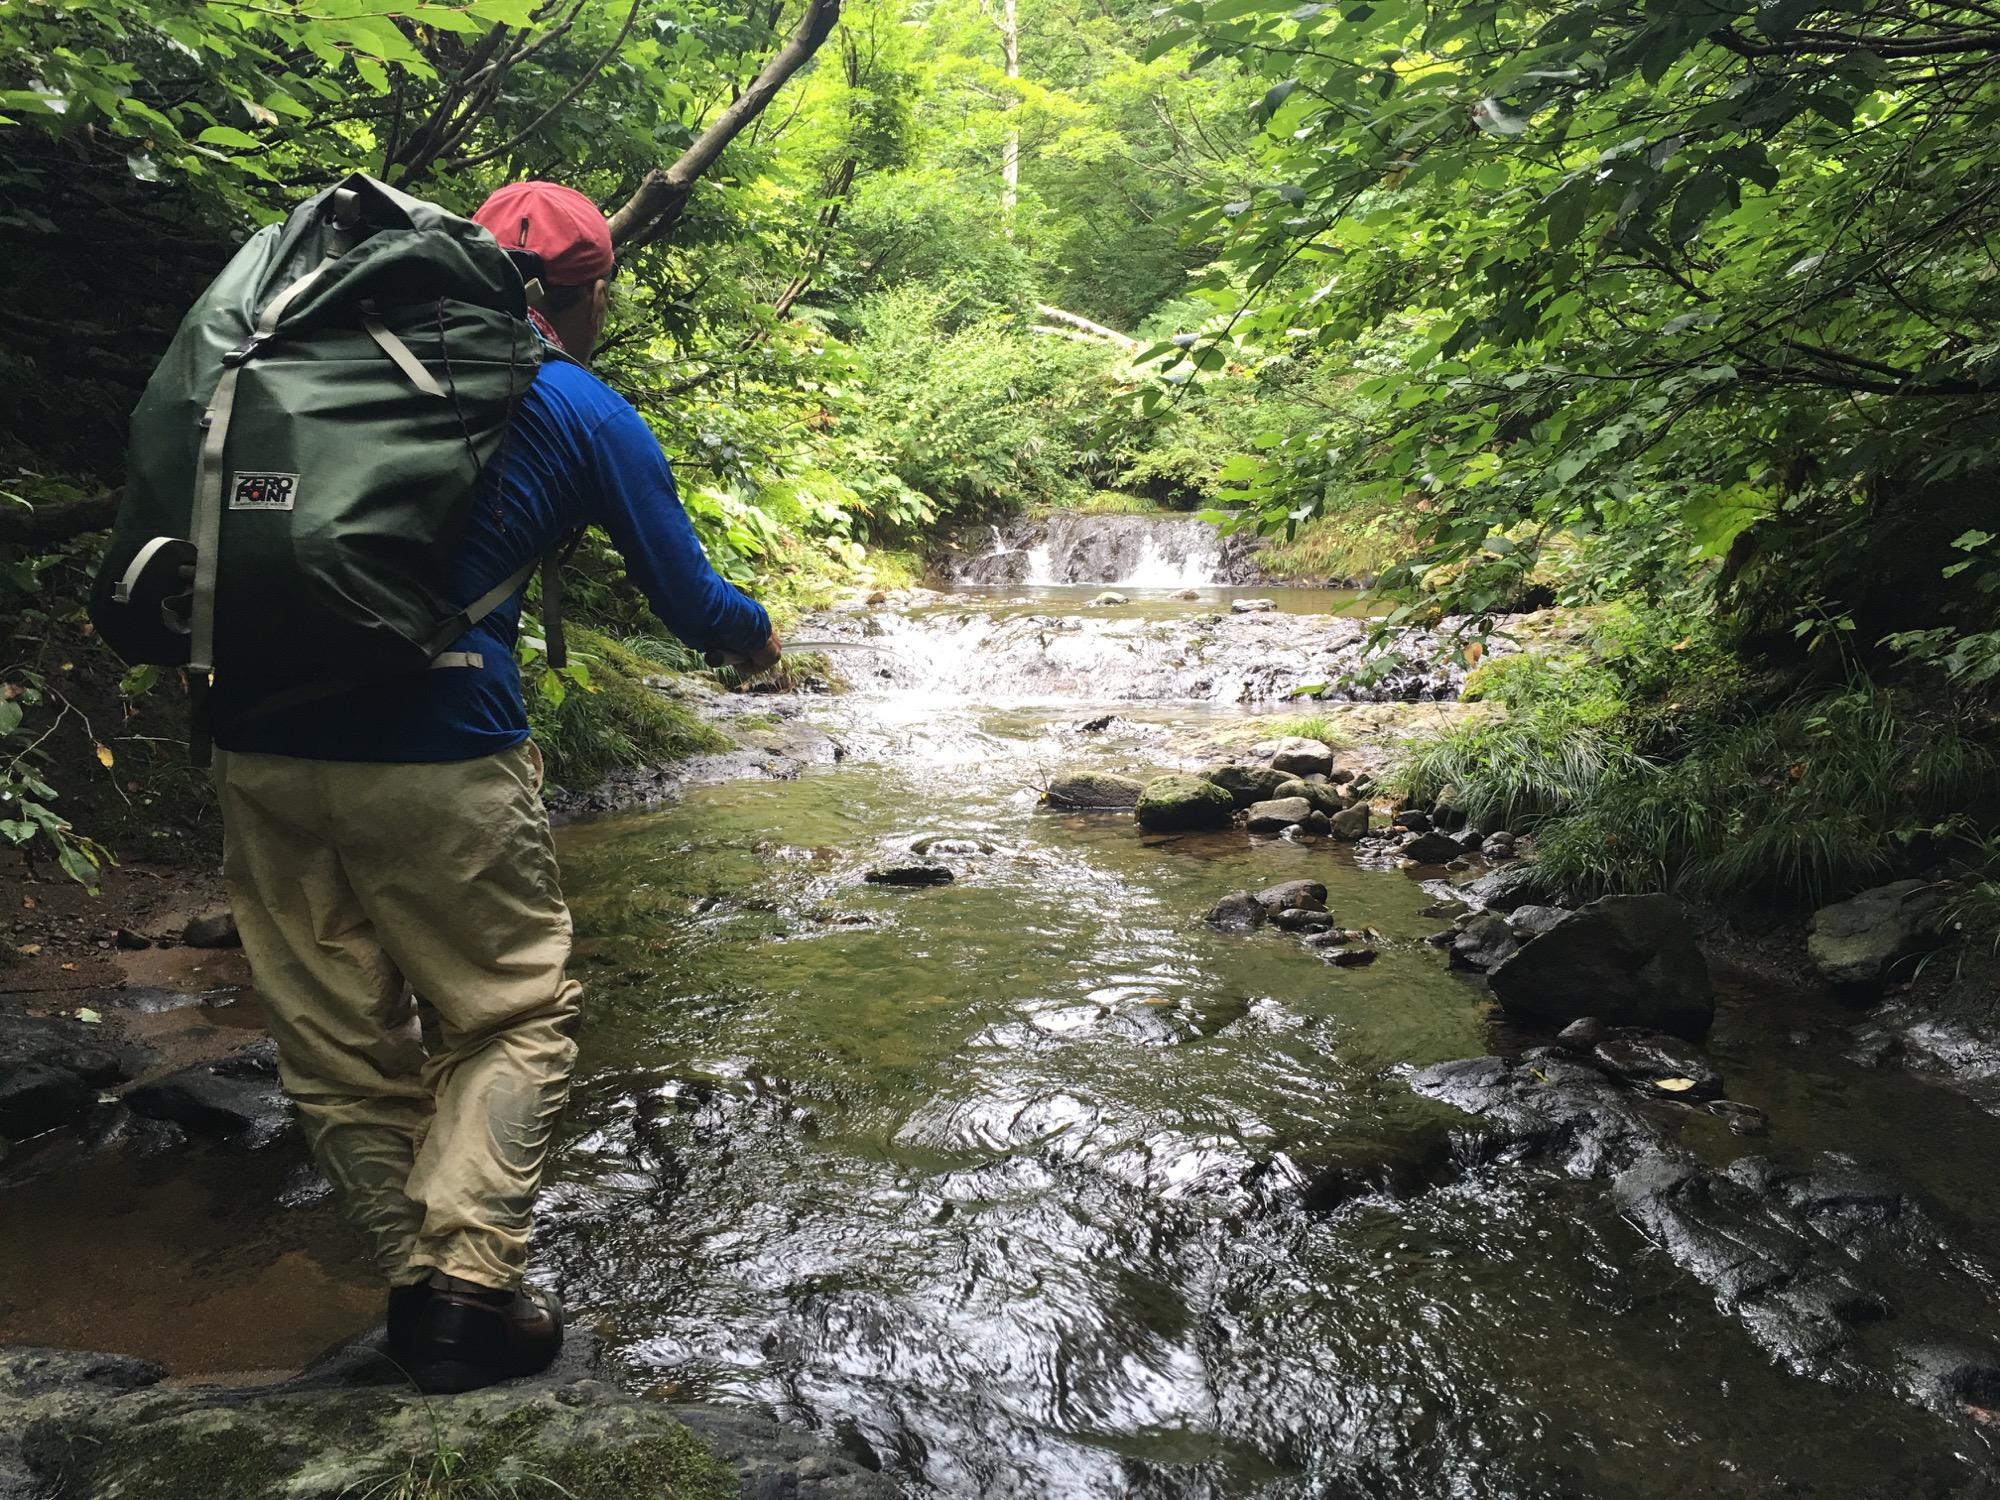 Tight stream fishing.